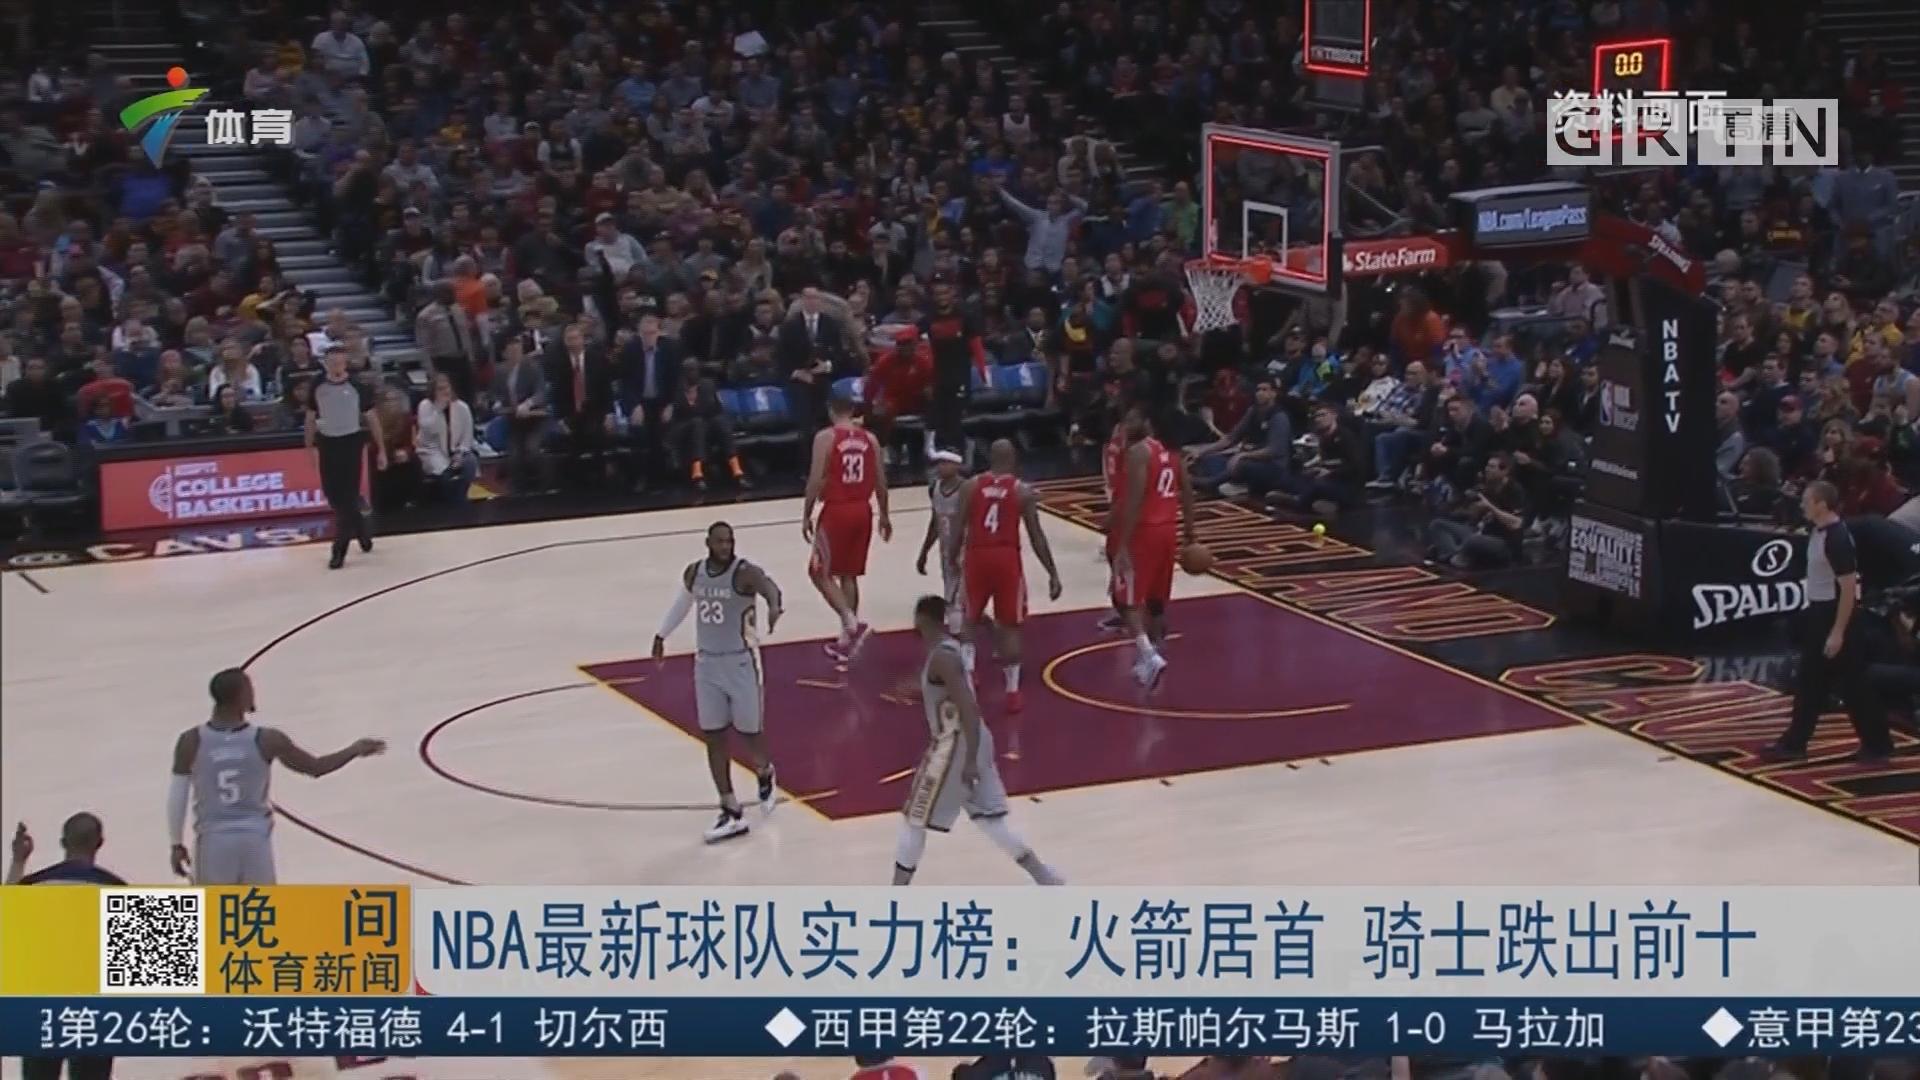 NBA最新球队实力榜:火箭居首 骑士跌出前十